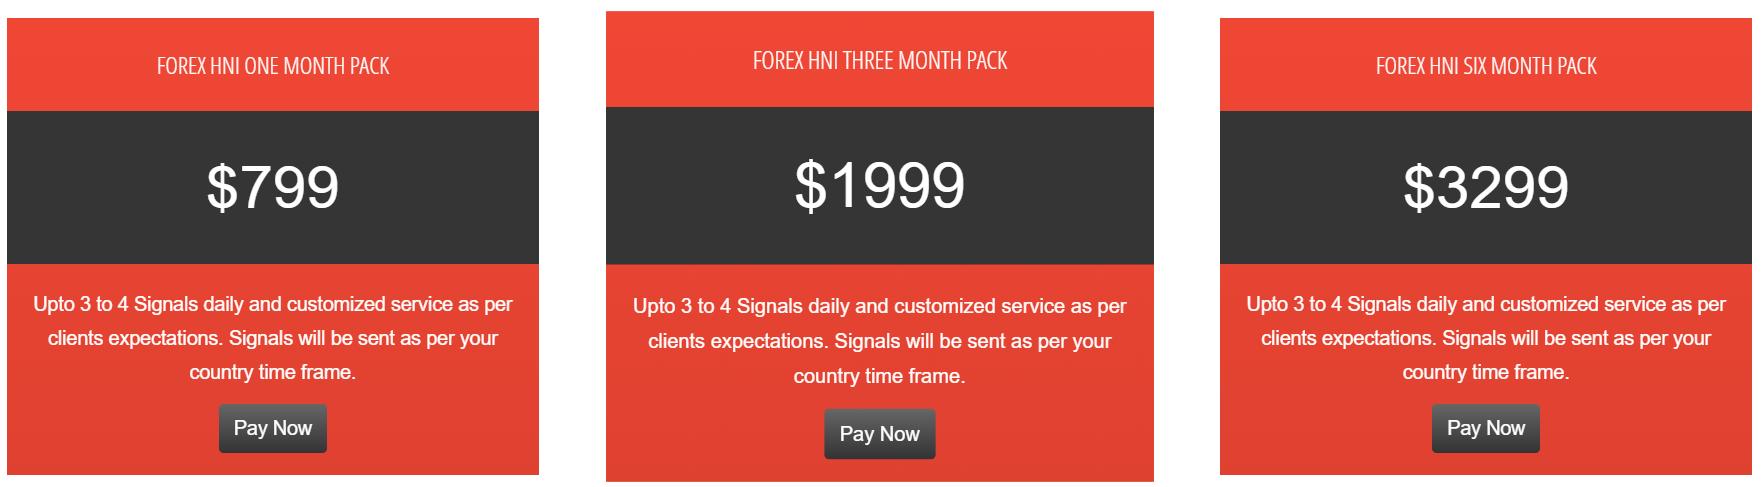 Forex Hub Pricing